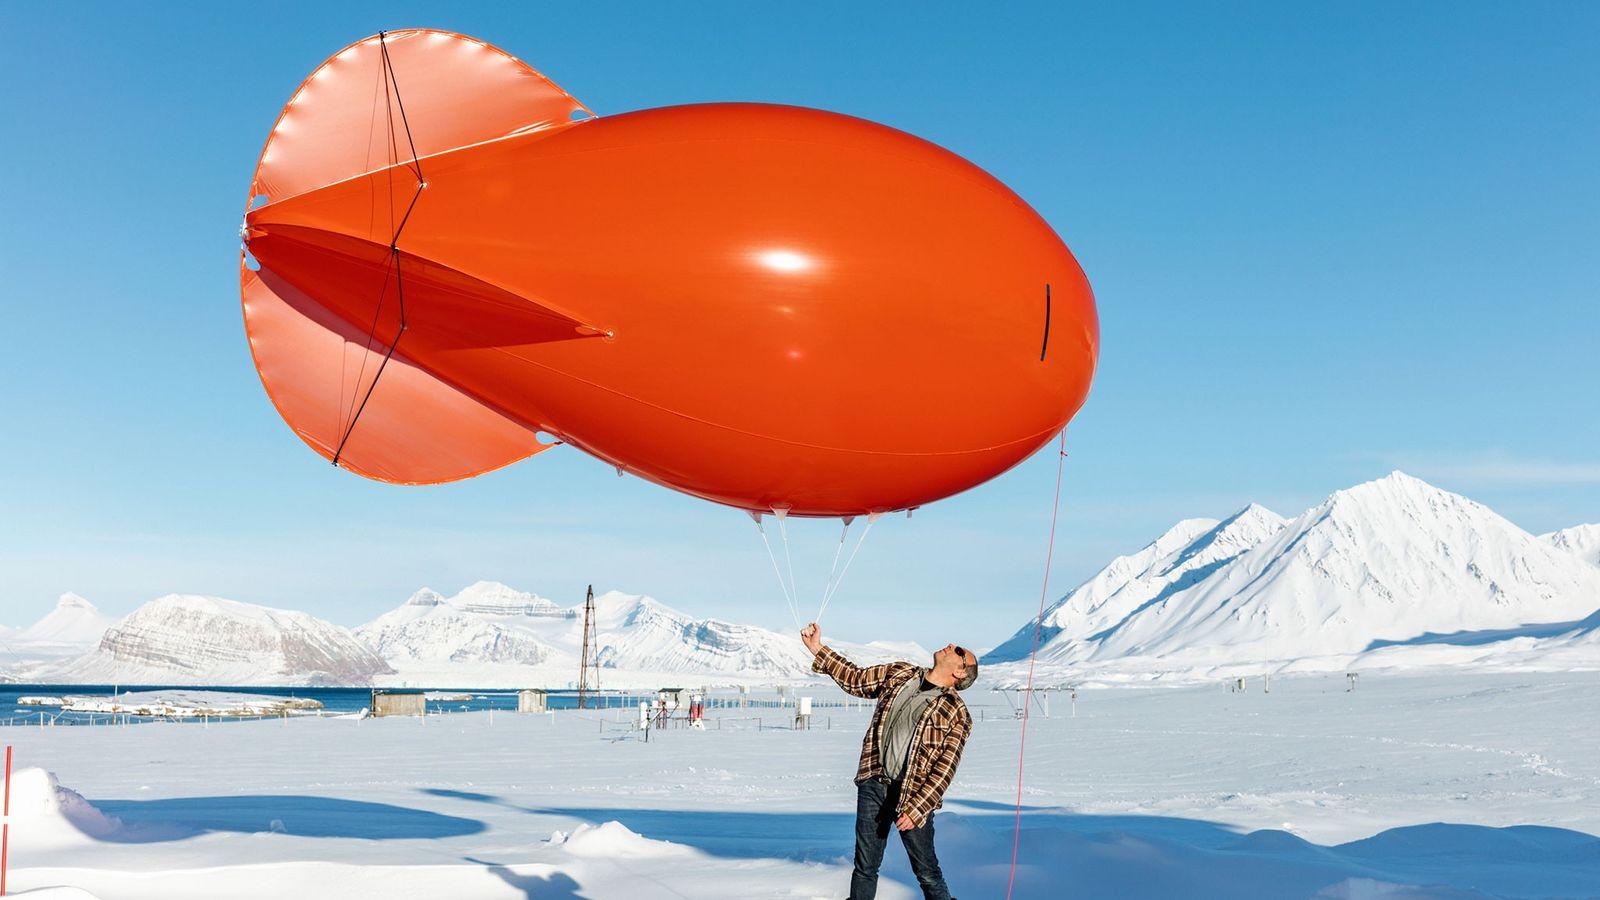 Jürgen Graeser es un técnico a cargo de las mediciones meteorológicas y de otras mediciones en ...